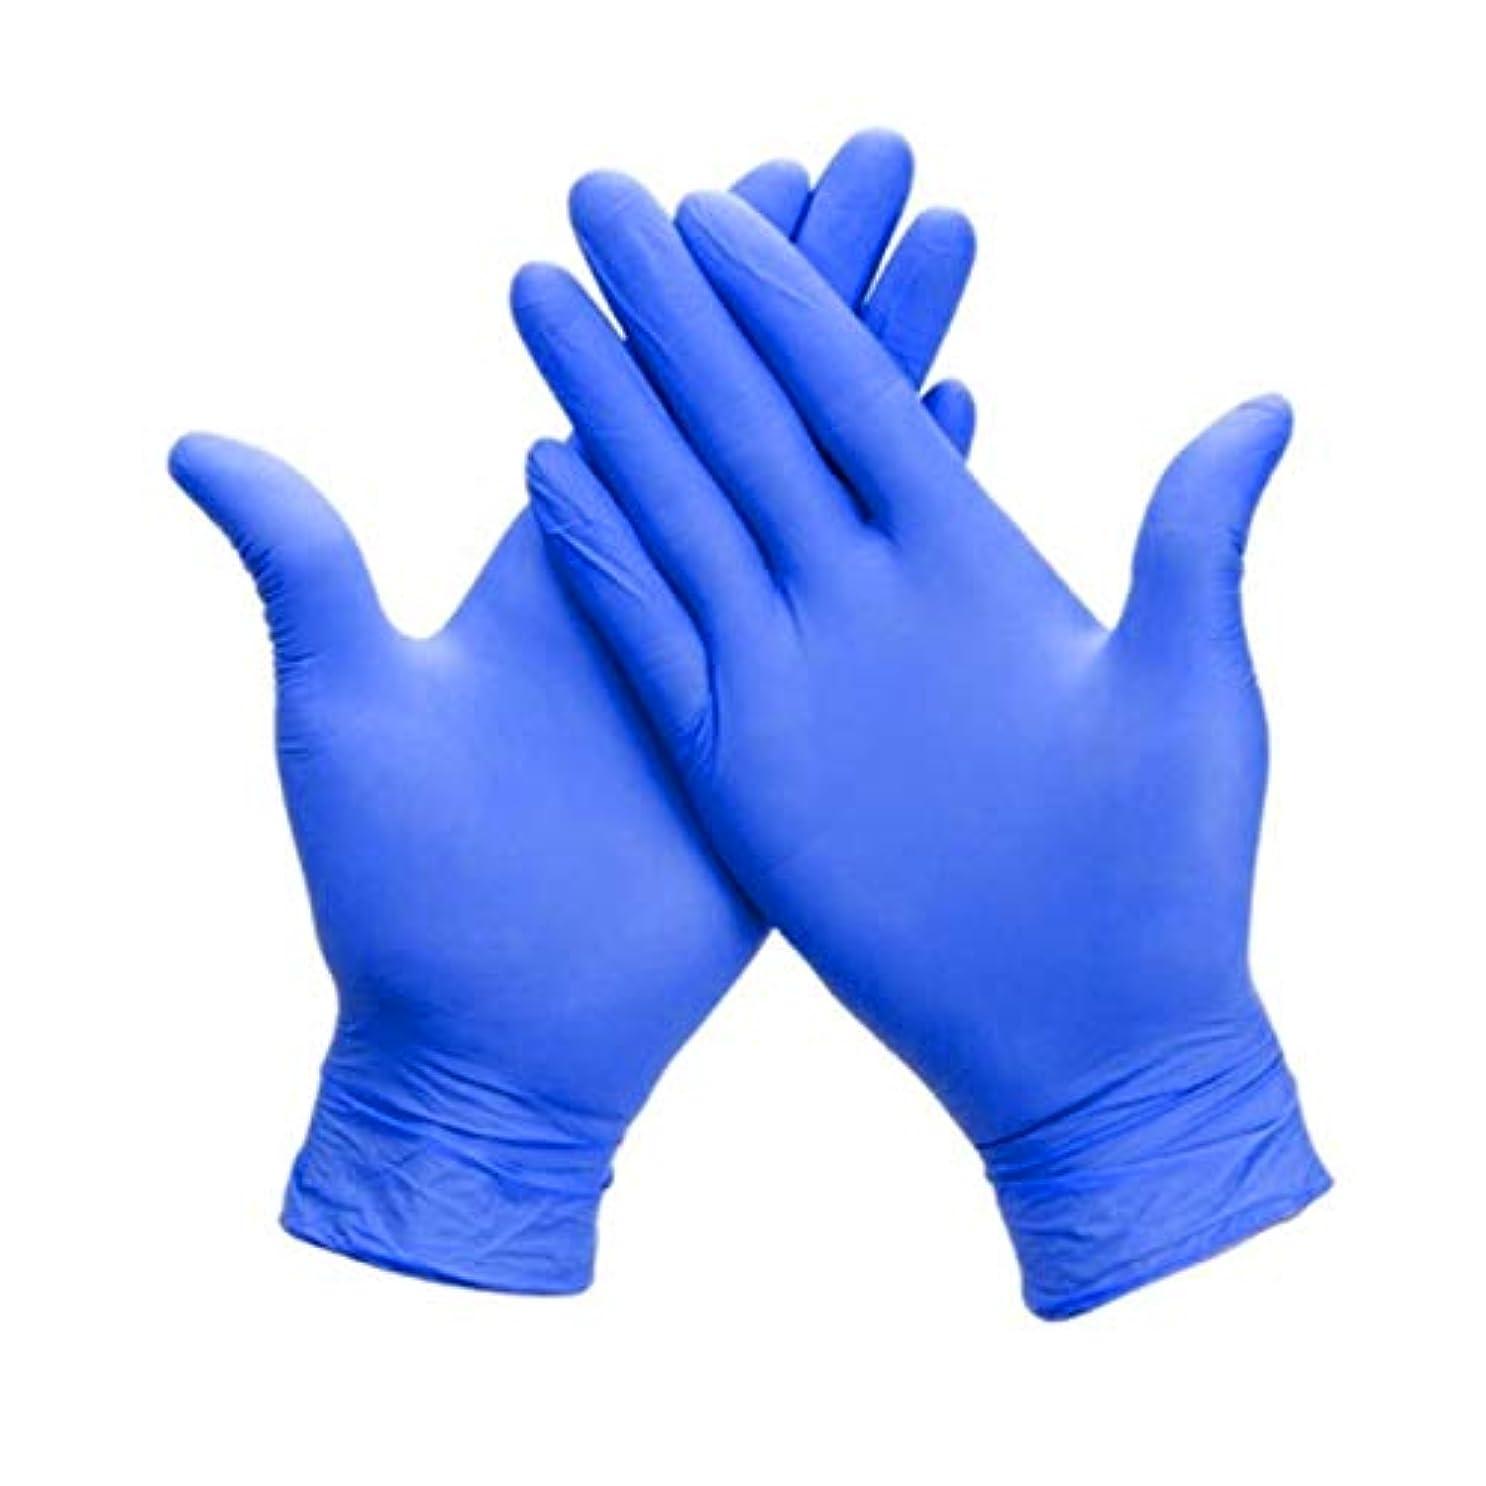 個人的に歯痛ボーカルRETYLY 20ピース/ロット 使い捨て手袋 ラテックス クリーニング 食品用手袋 ユニバーサル 家庭用 ガーデンク用 クリーニングのための手袋 家庭用クリーニング ラバー L